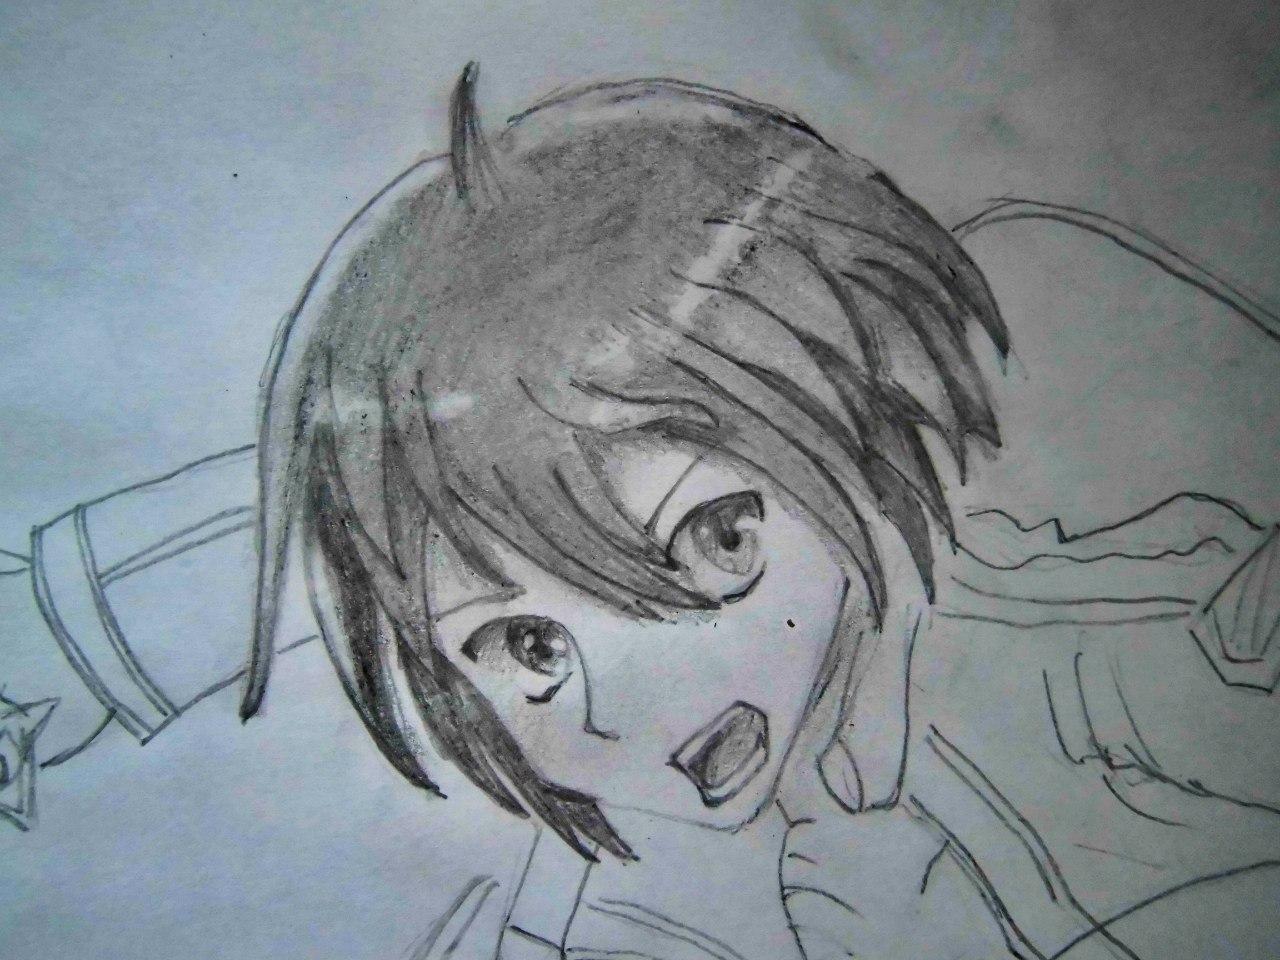 Рисуем Кадзуто Киригая с двумя мечами карандашами - шаг 5